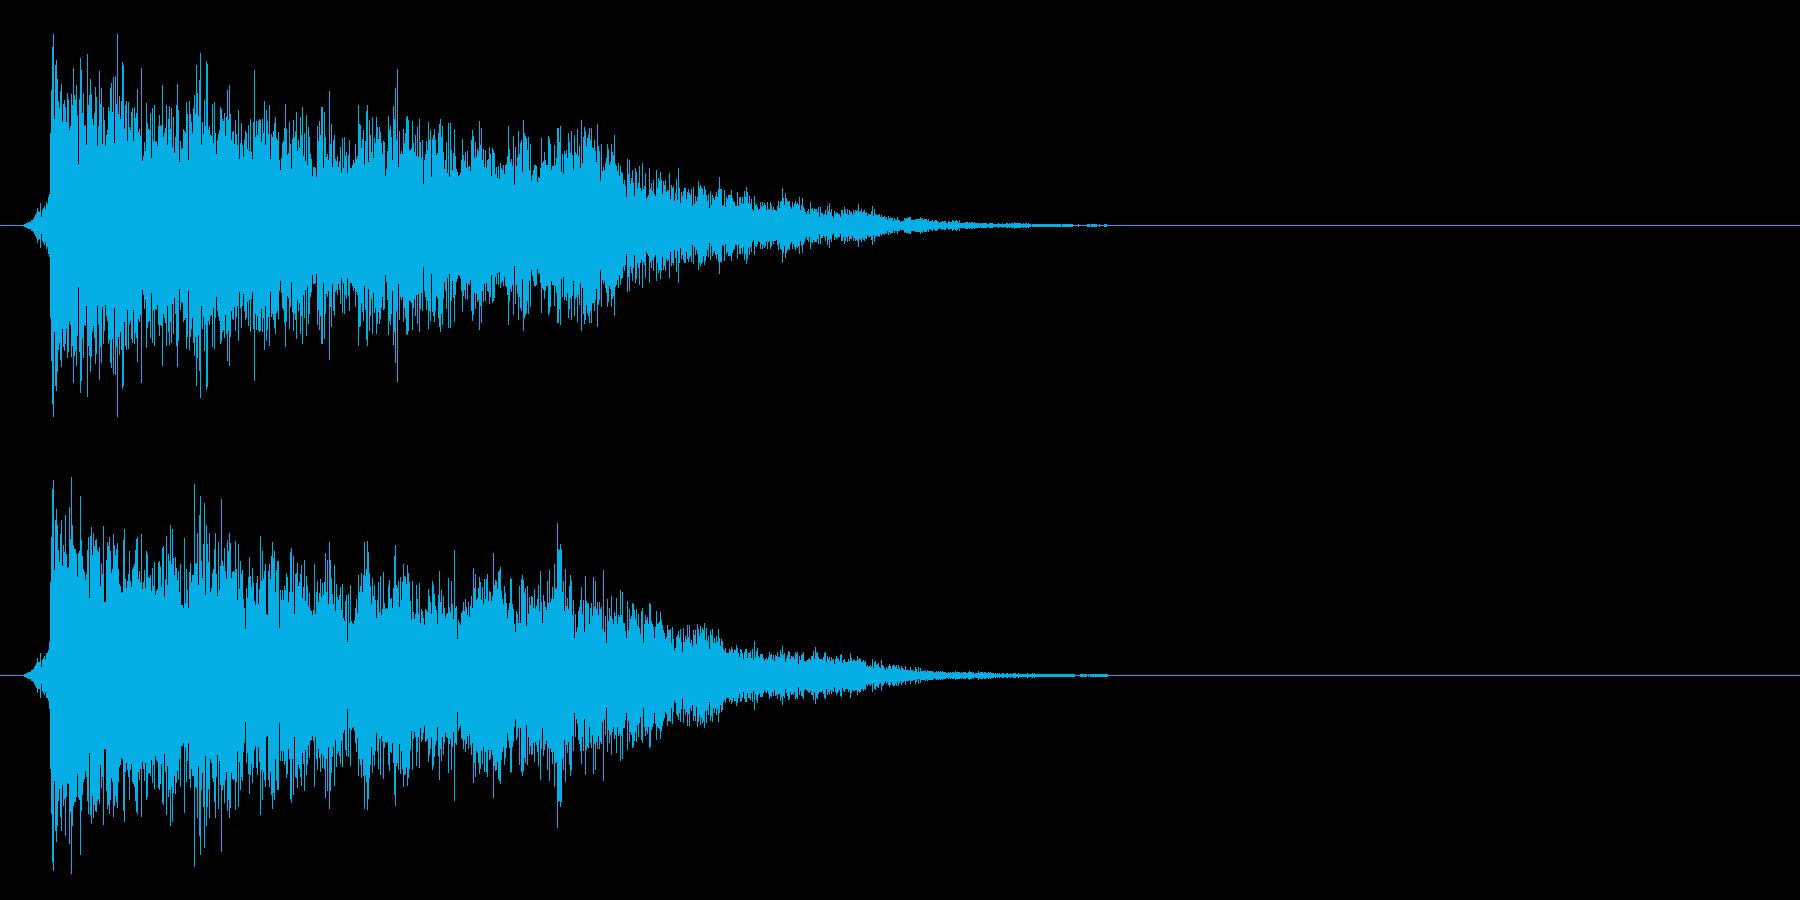 コミカルなダッシュ!ジャンプの効果音02の再生済みの波形